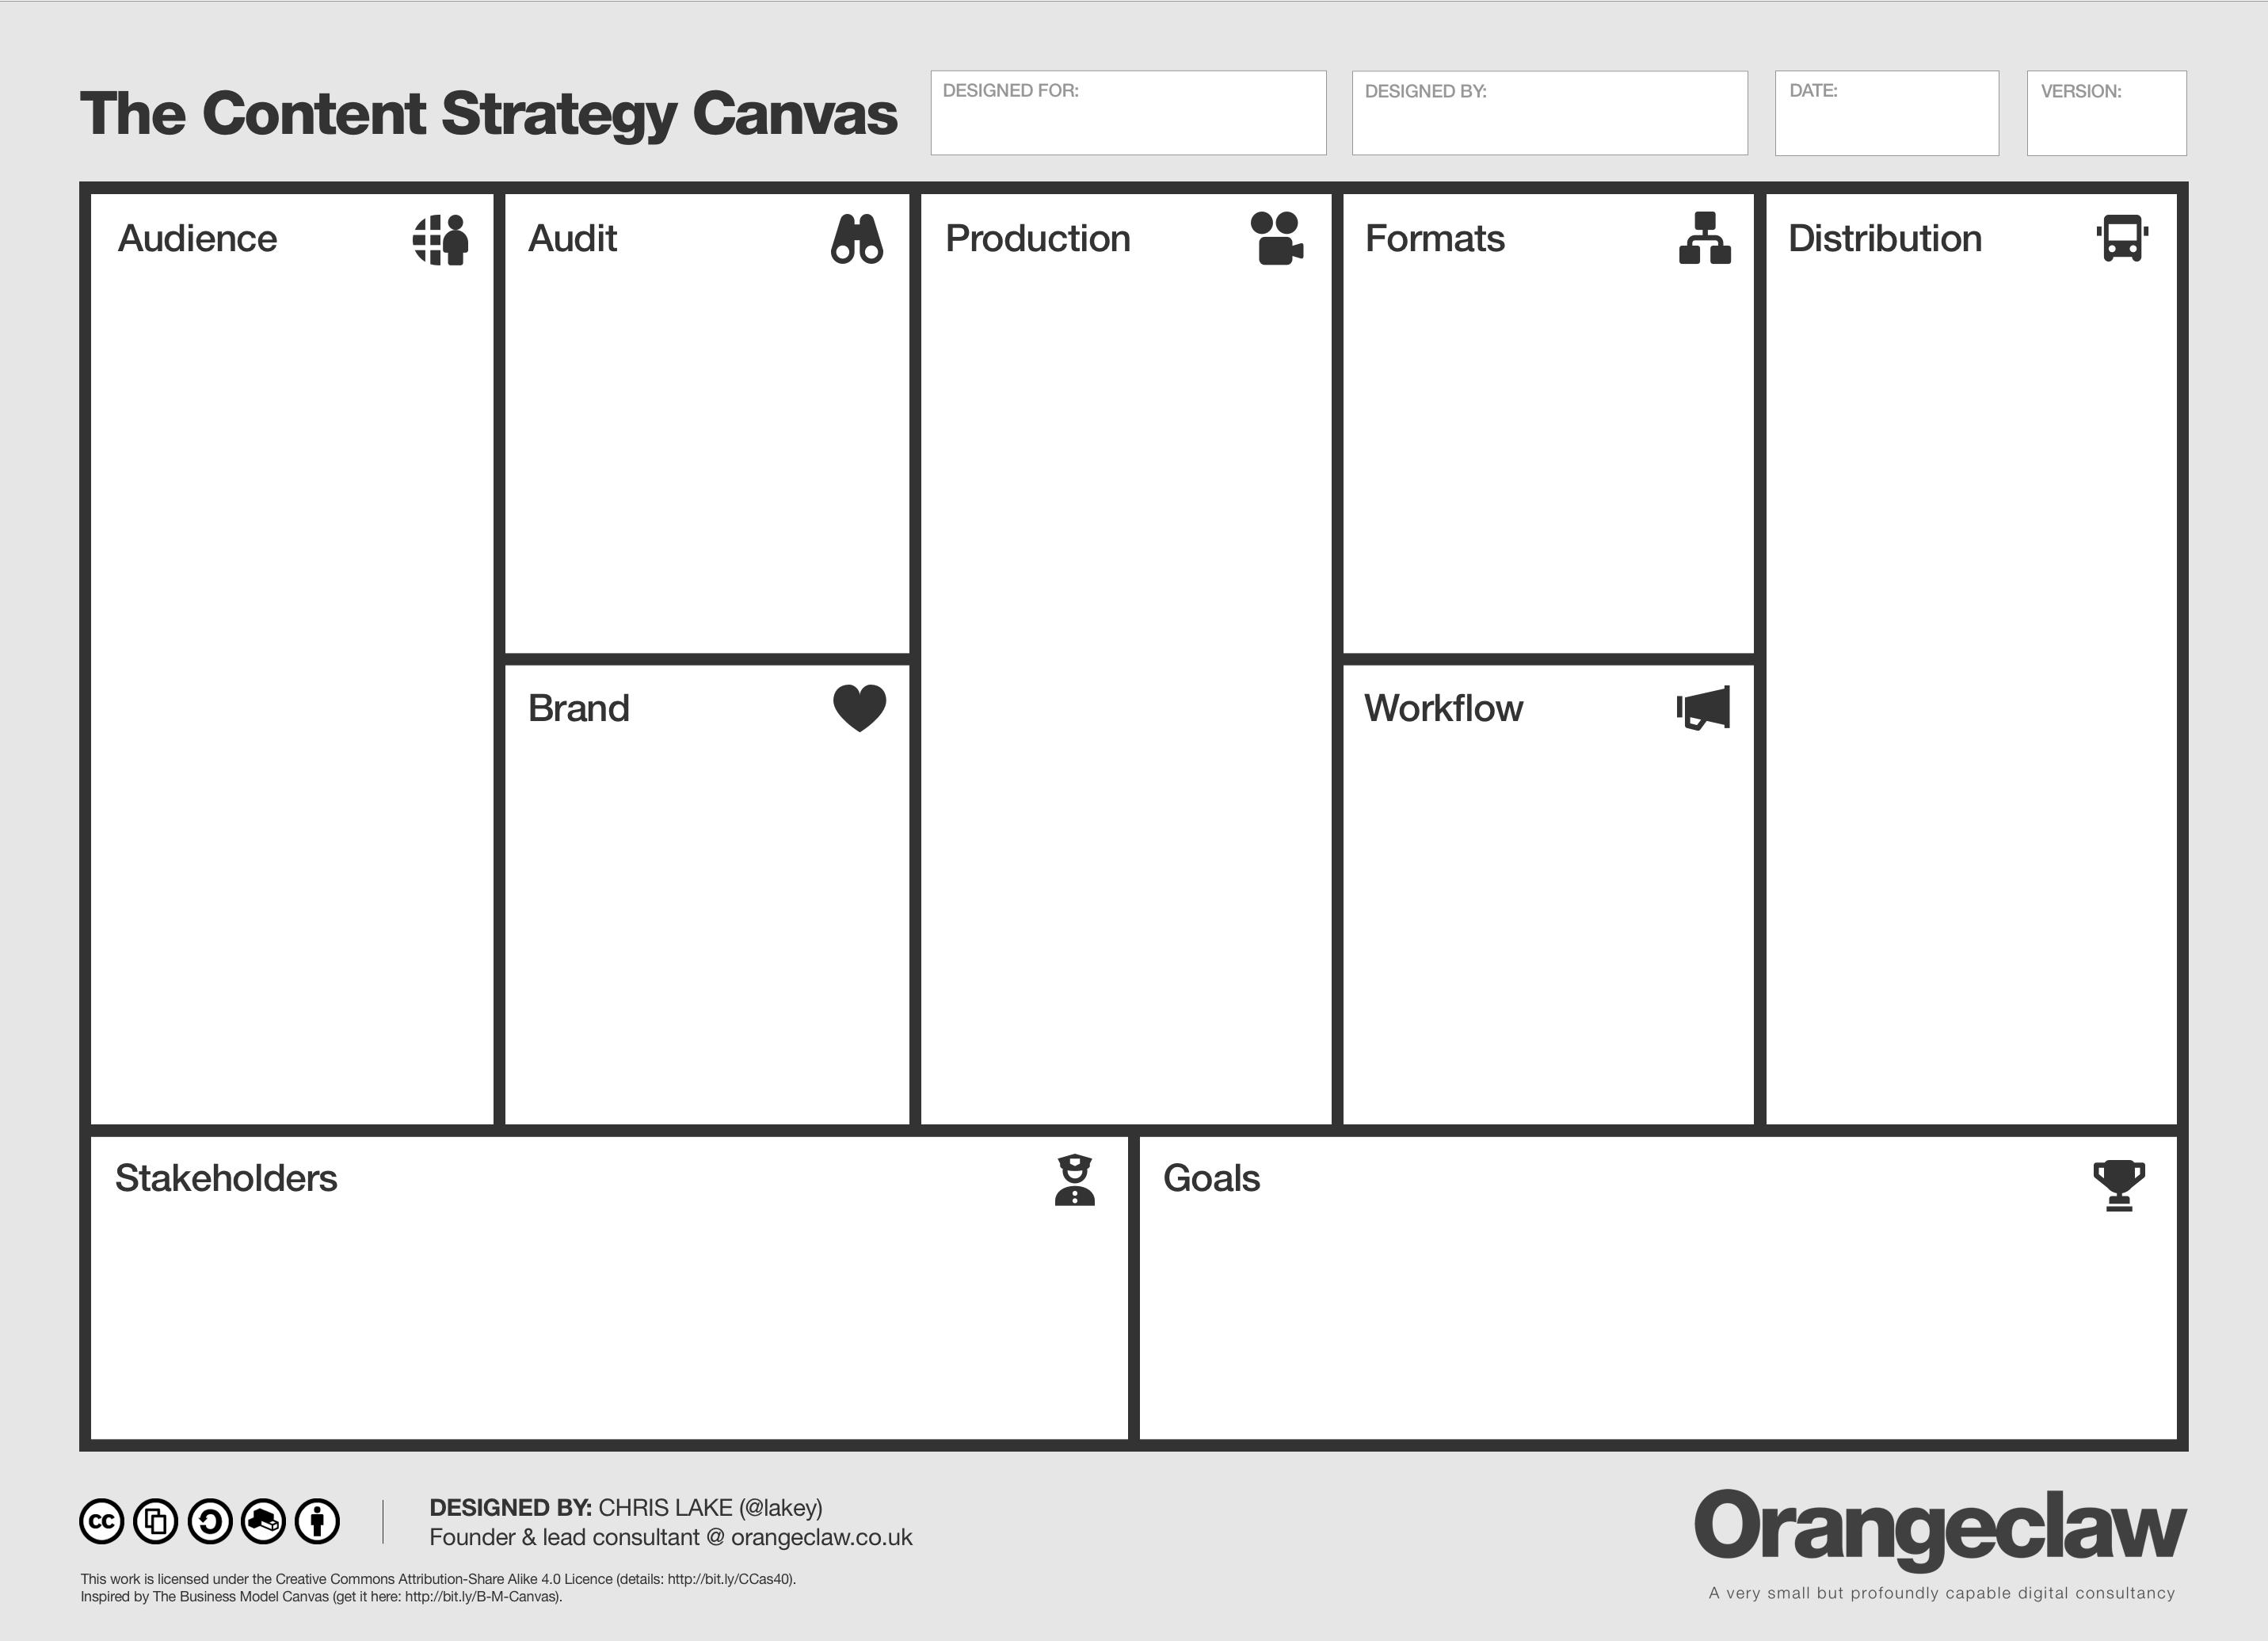 Content-Strategy-Canvas von Orangeclaw